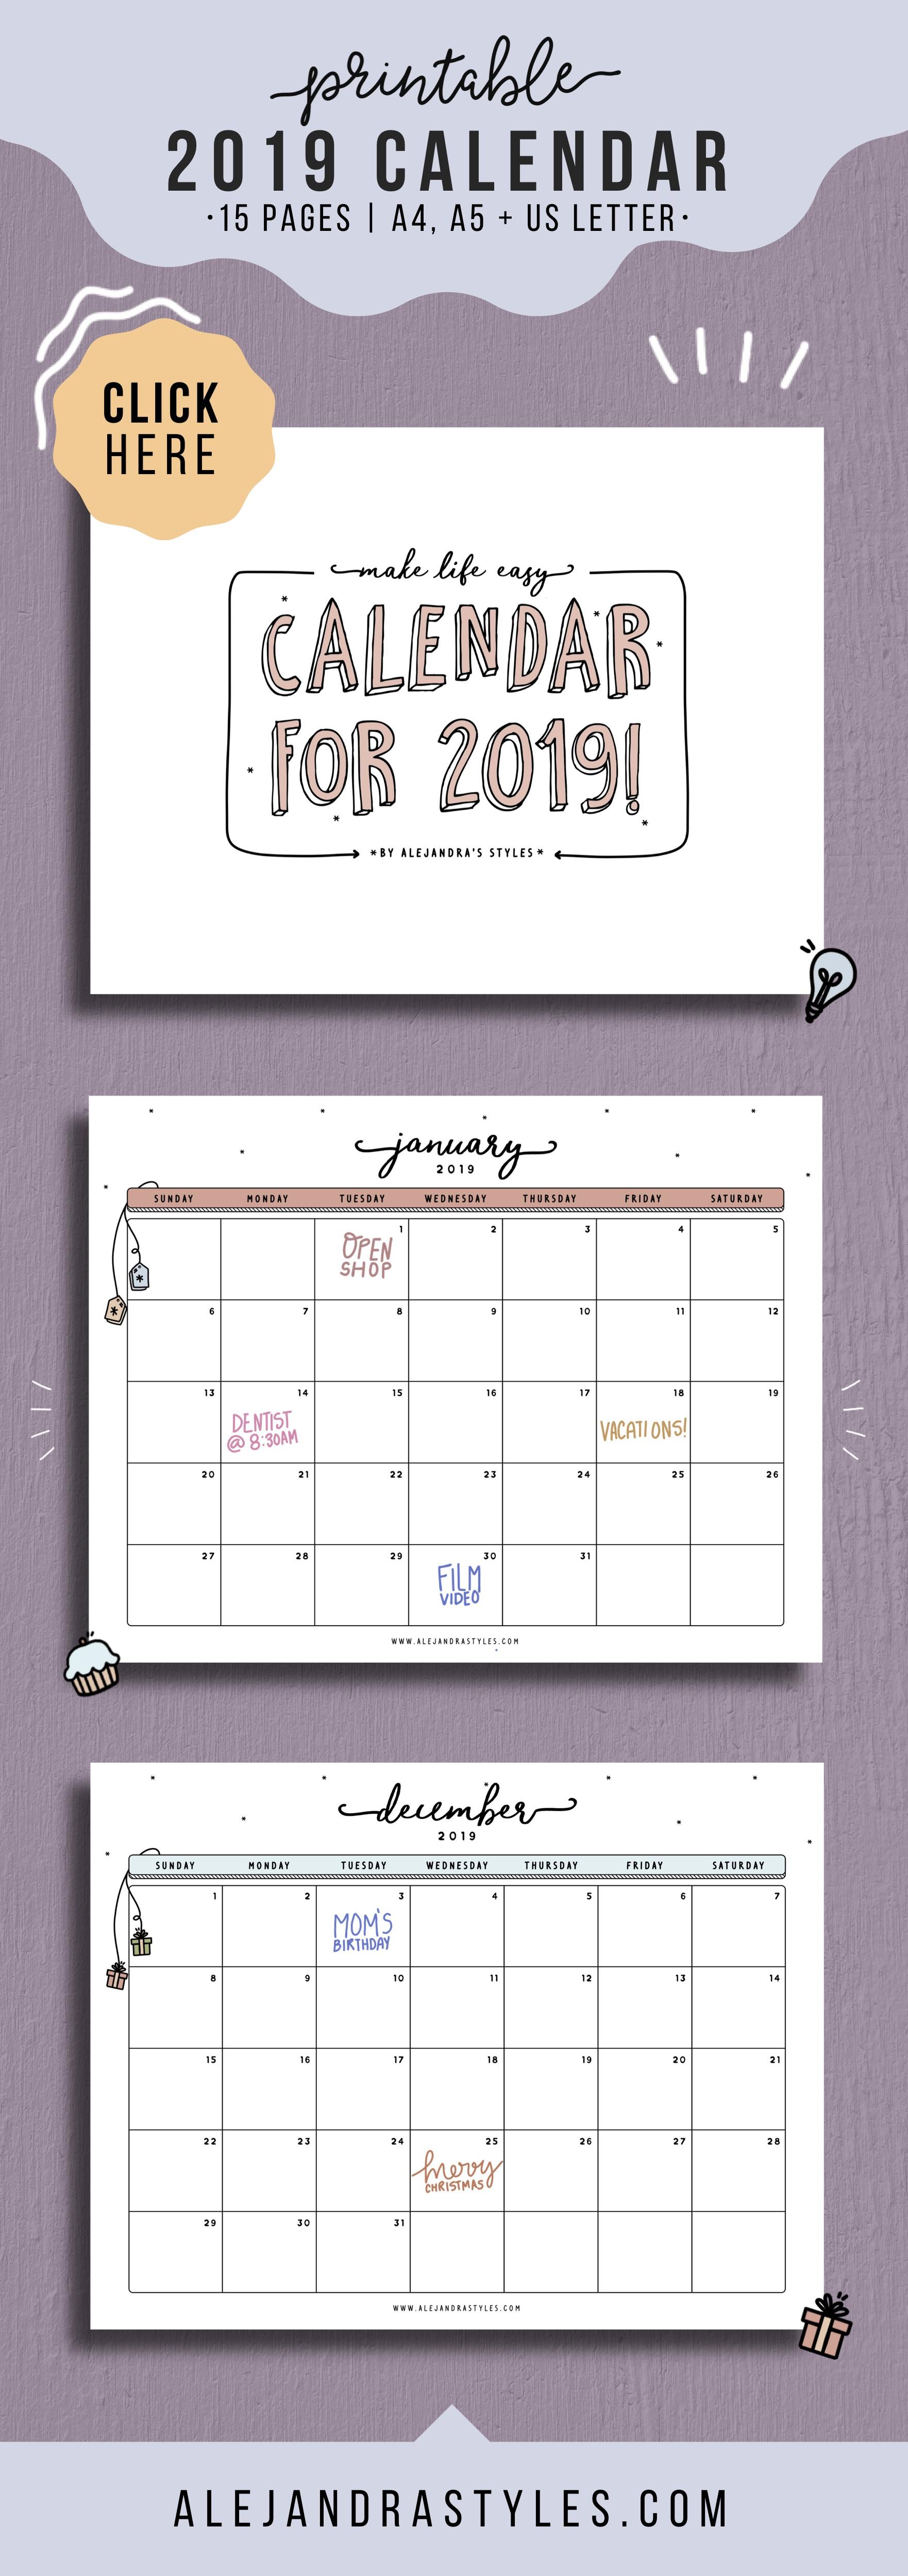 Calendar 2019 to Download Más Recientes 2019 Desk Calendar Printable Planner Instant Digital Download